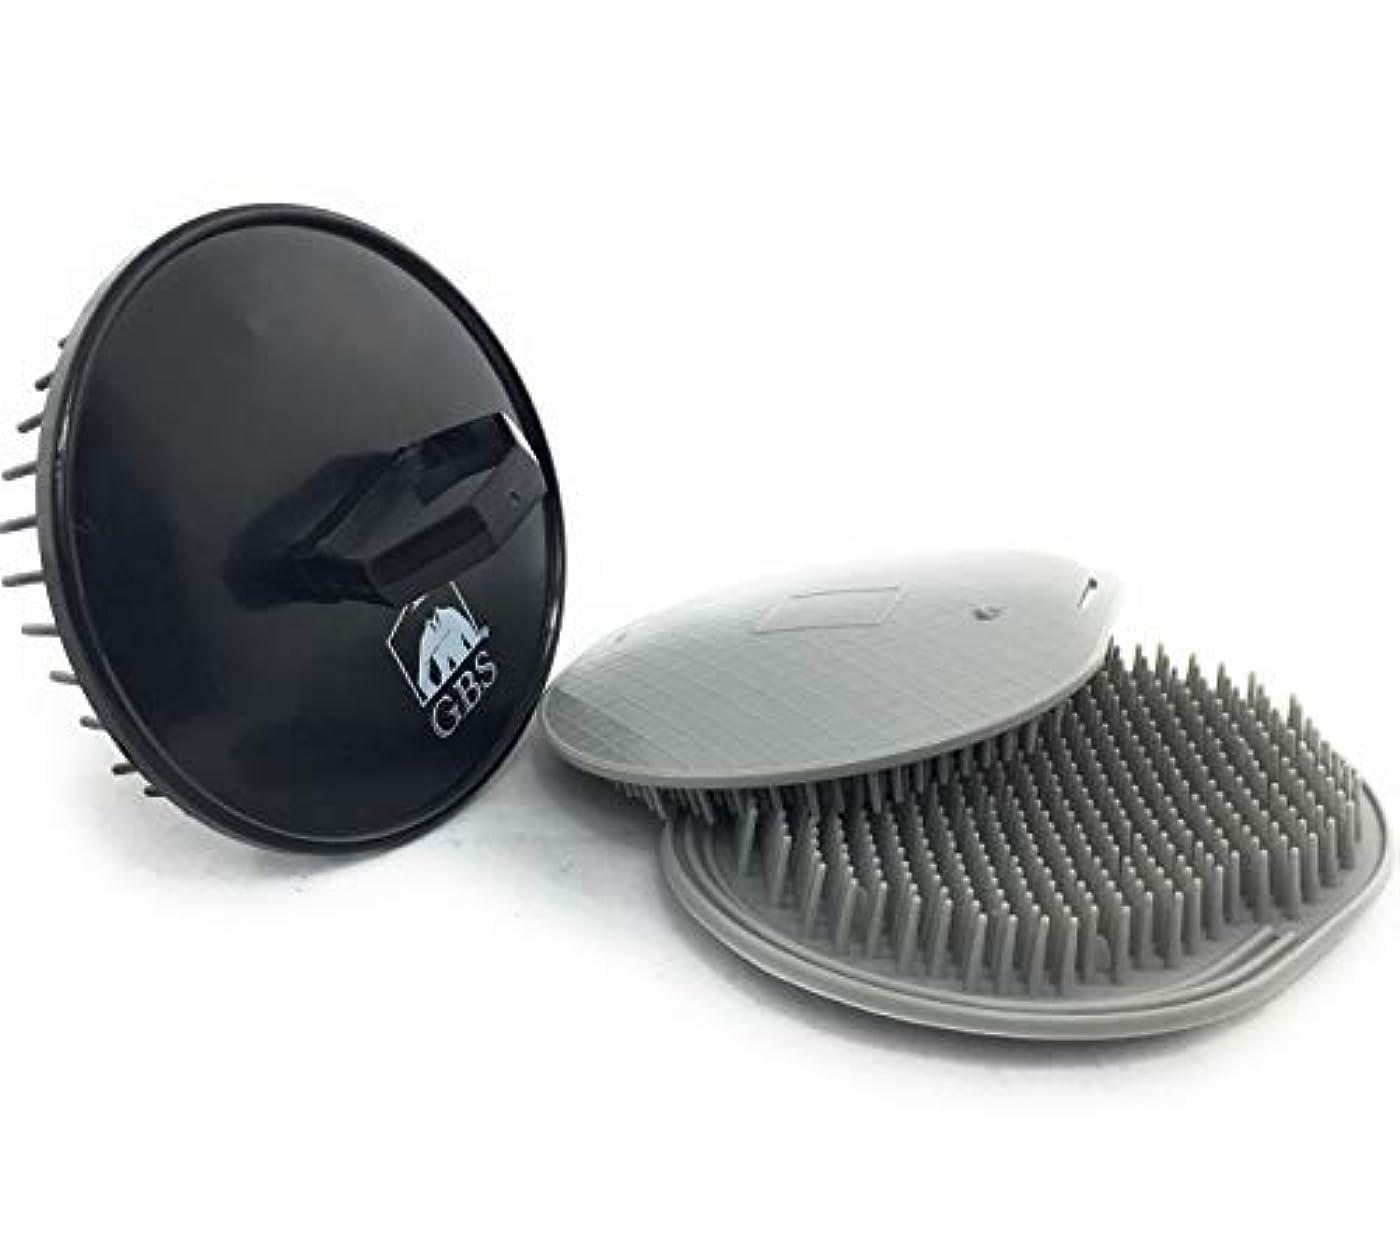 ほうき創造霜GBS Soft Pocket Palm Brush. Massage and Head Scratcher. Made In USA 2-Pack - Gray Plus 1 Black Shampoo Brush - Head Scrubber Promotes for Hair Growth. Multi Use for Women Men Beard and Pet Grooming [並行輸入品]